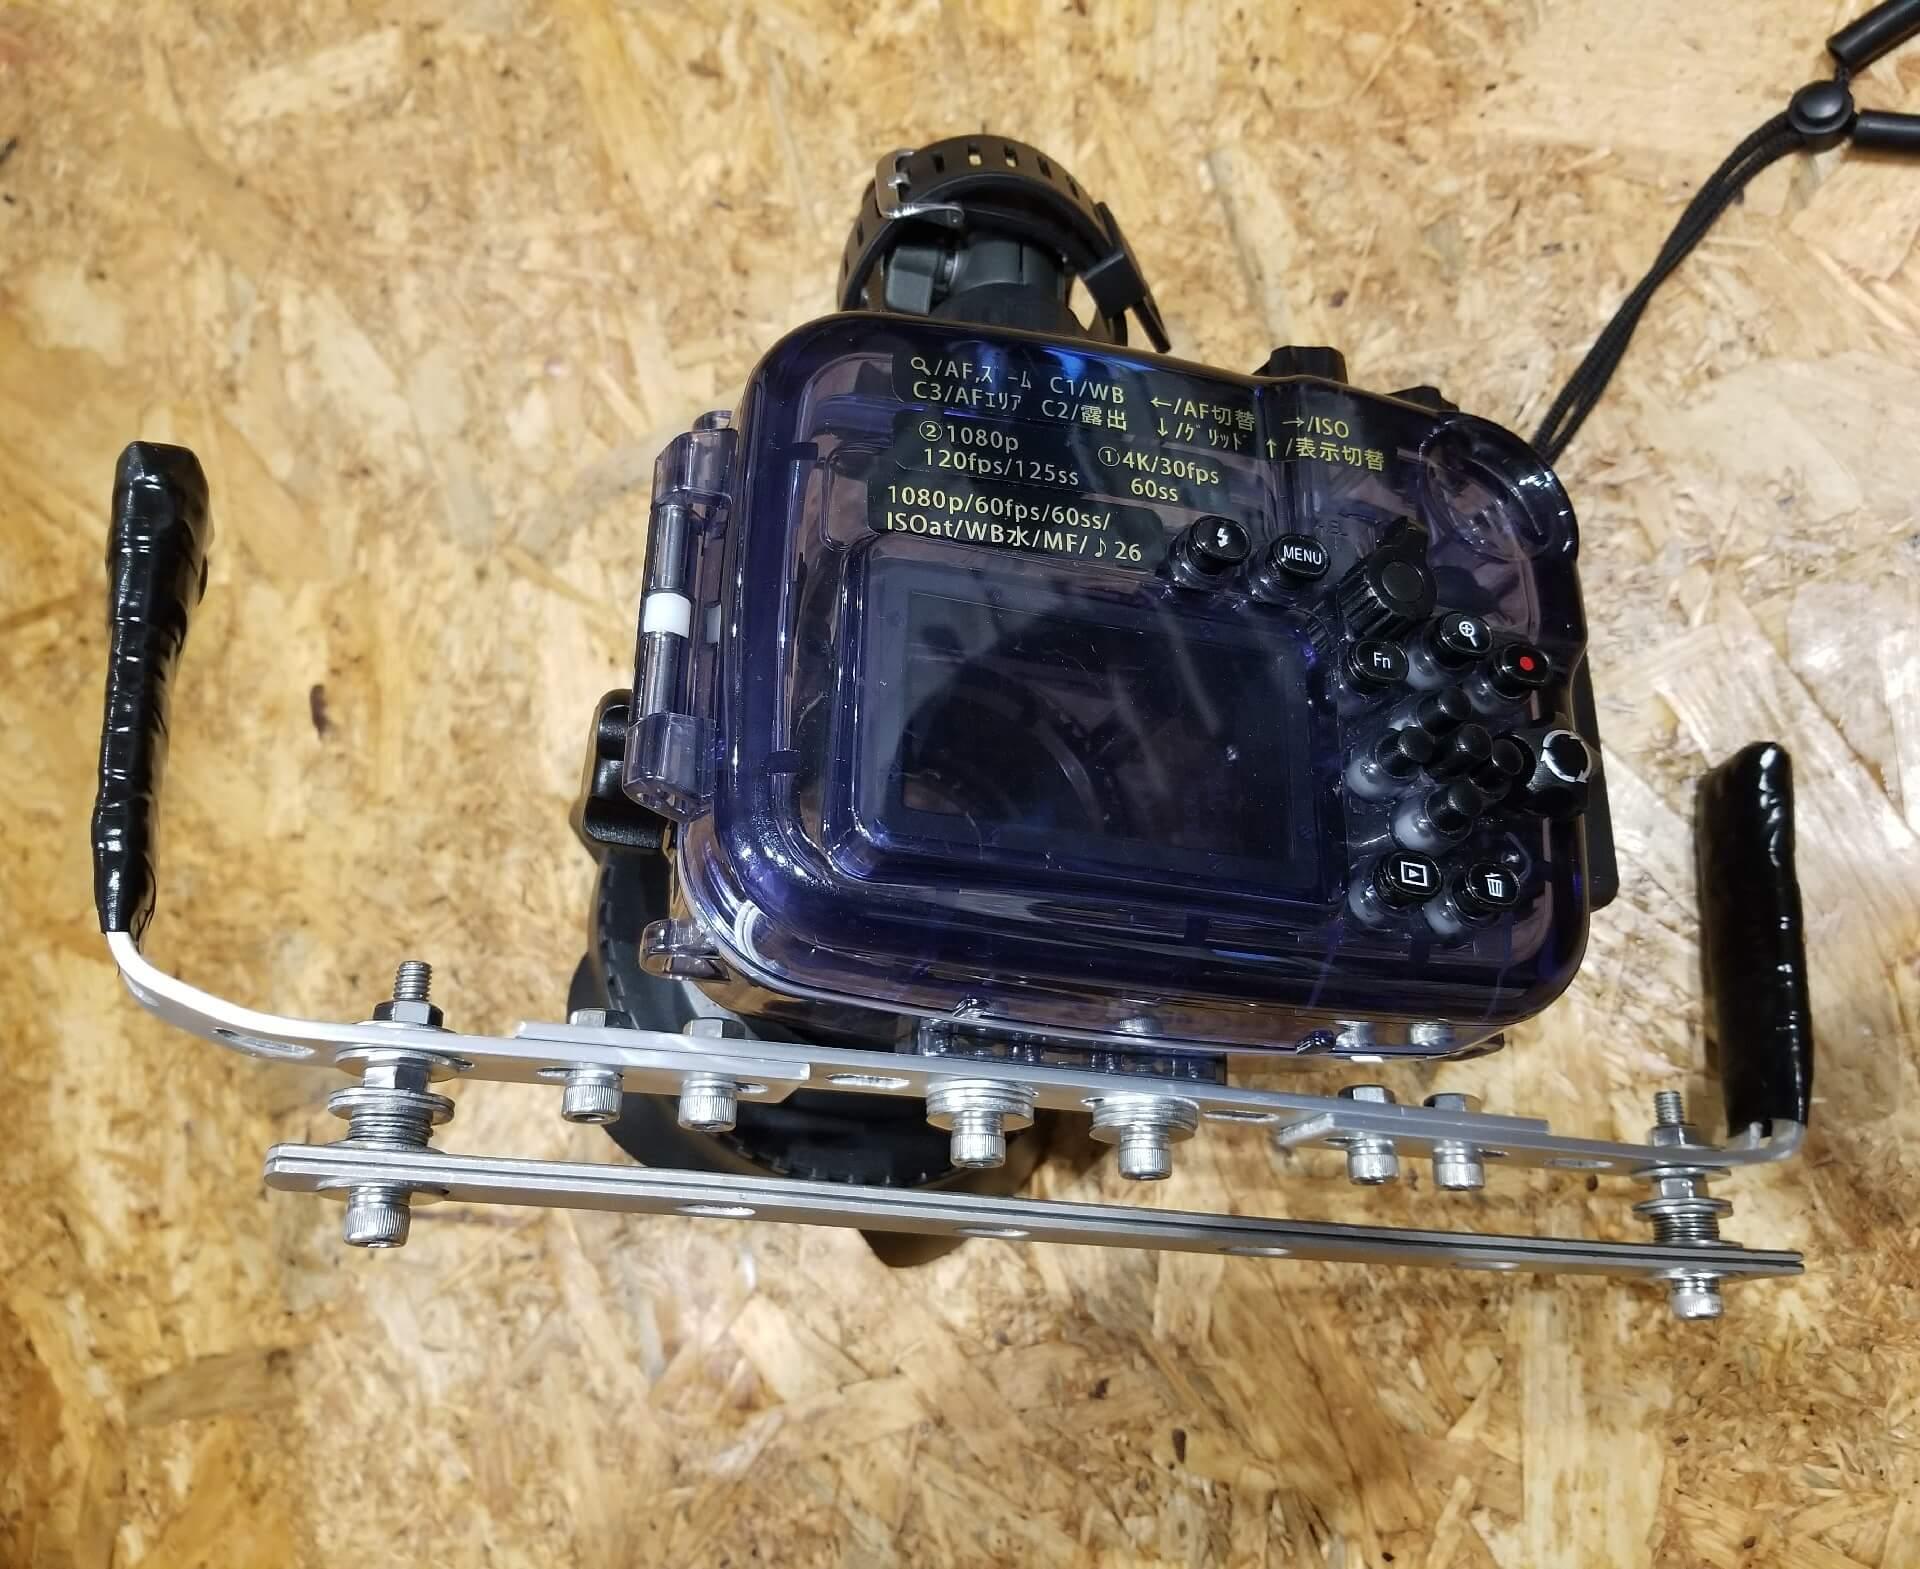 ダイビングの水中撮影用に購入したa6500をハウジングに入れ、自作のグリップアームを装着した状態の写真